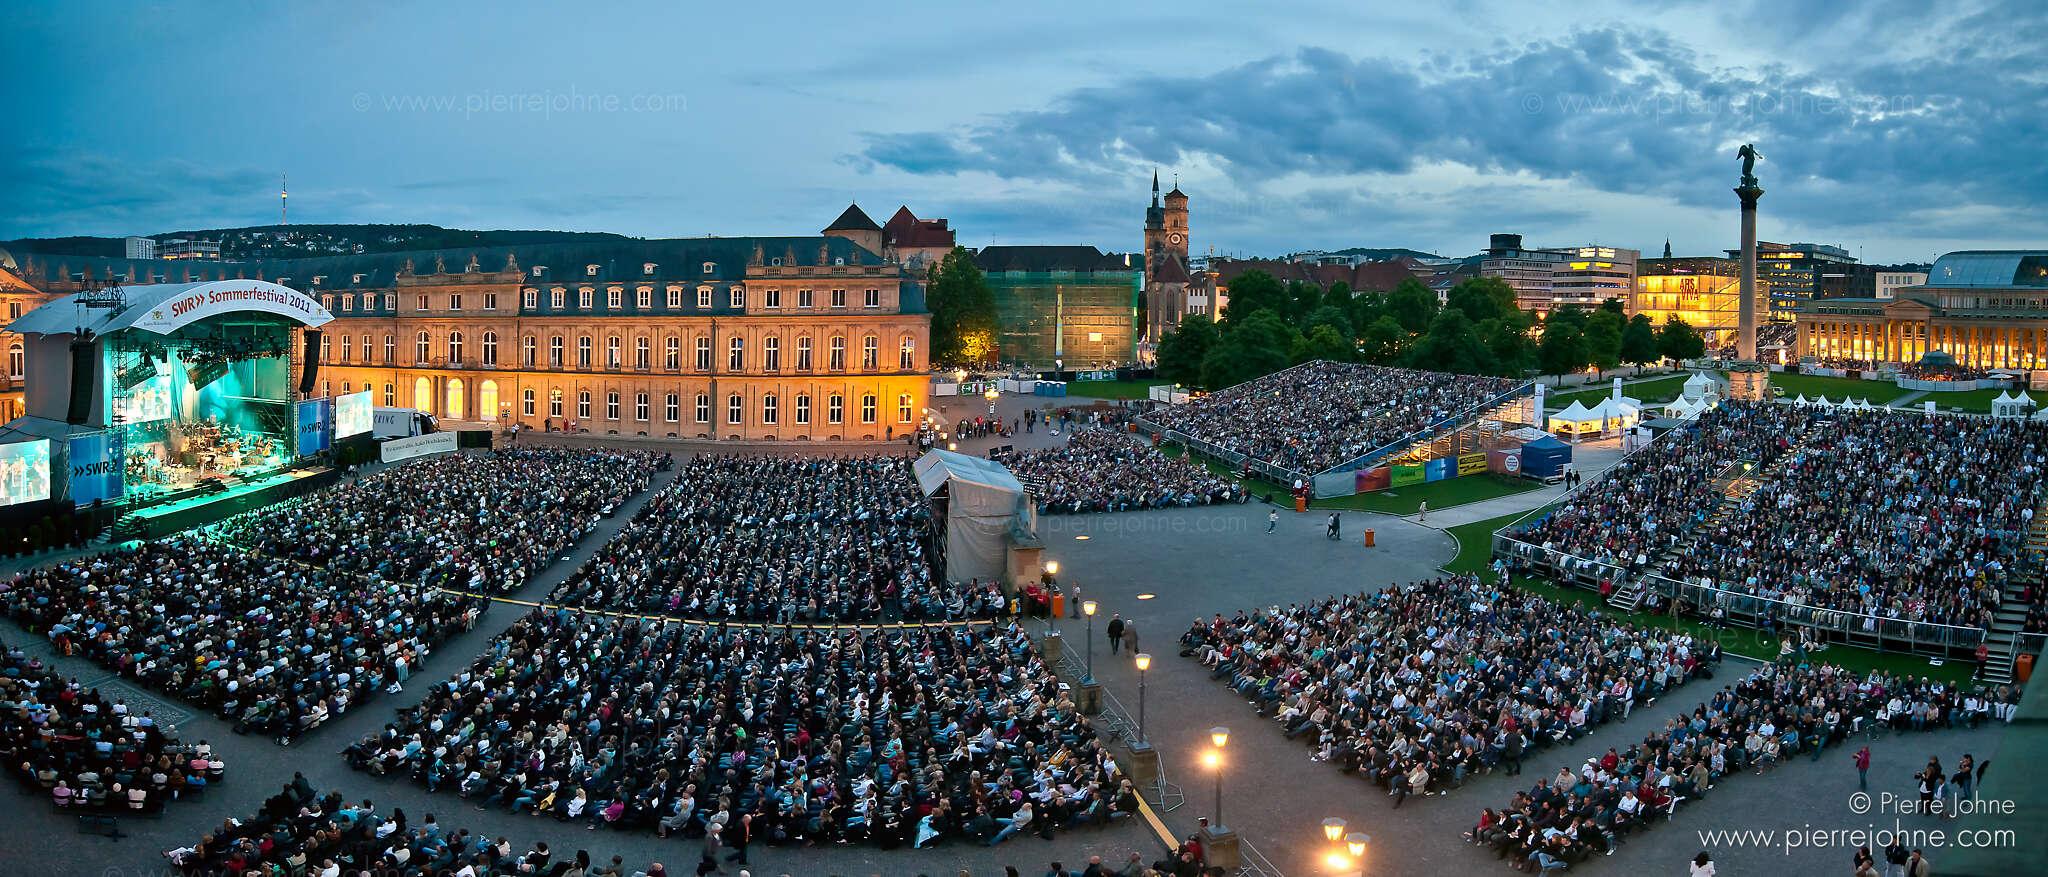 SWR Sommerfestival, Stuttgart, Germany